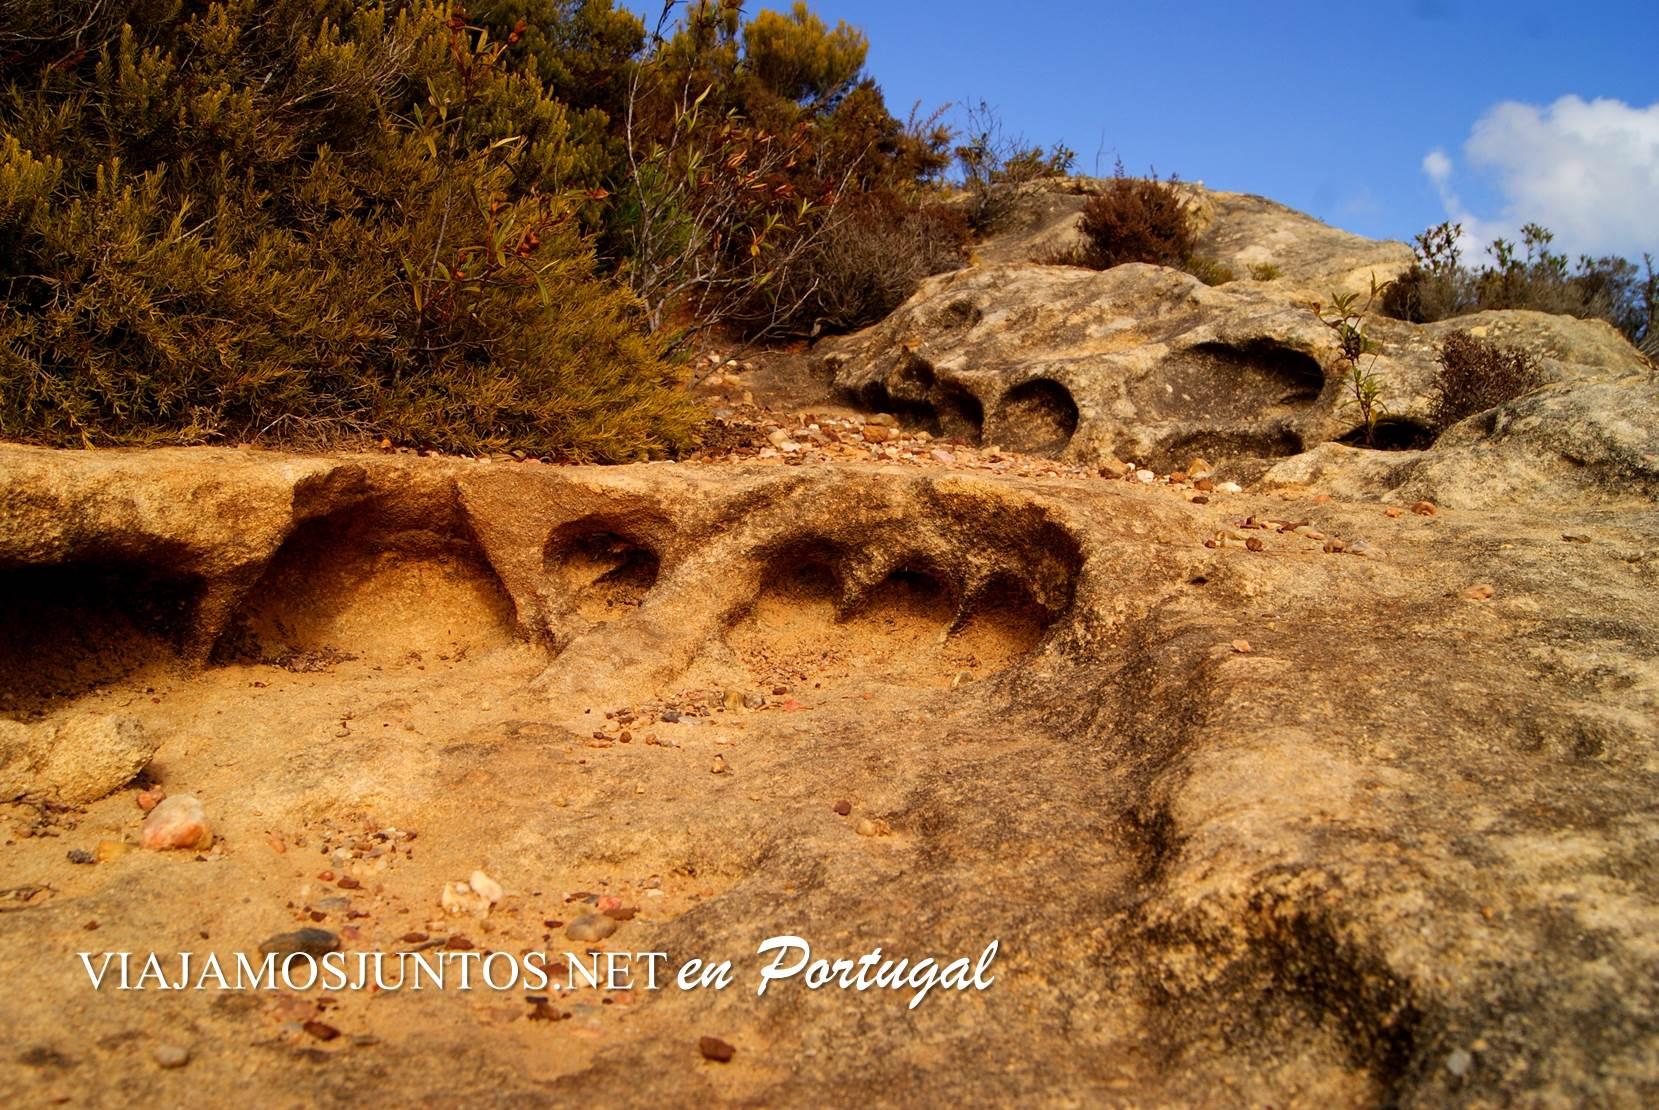 La ruta de los dinosaurios o de la Piedra de Mua, Portugal